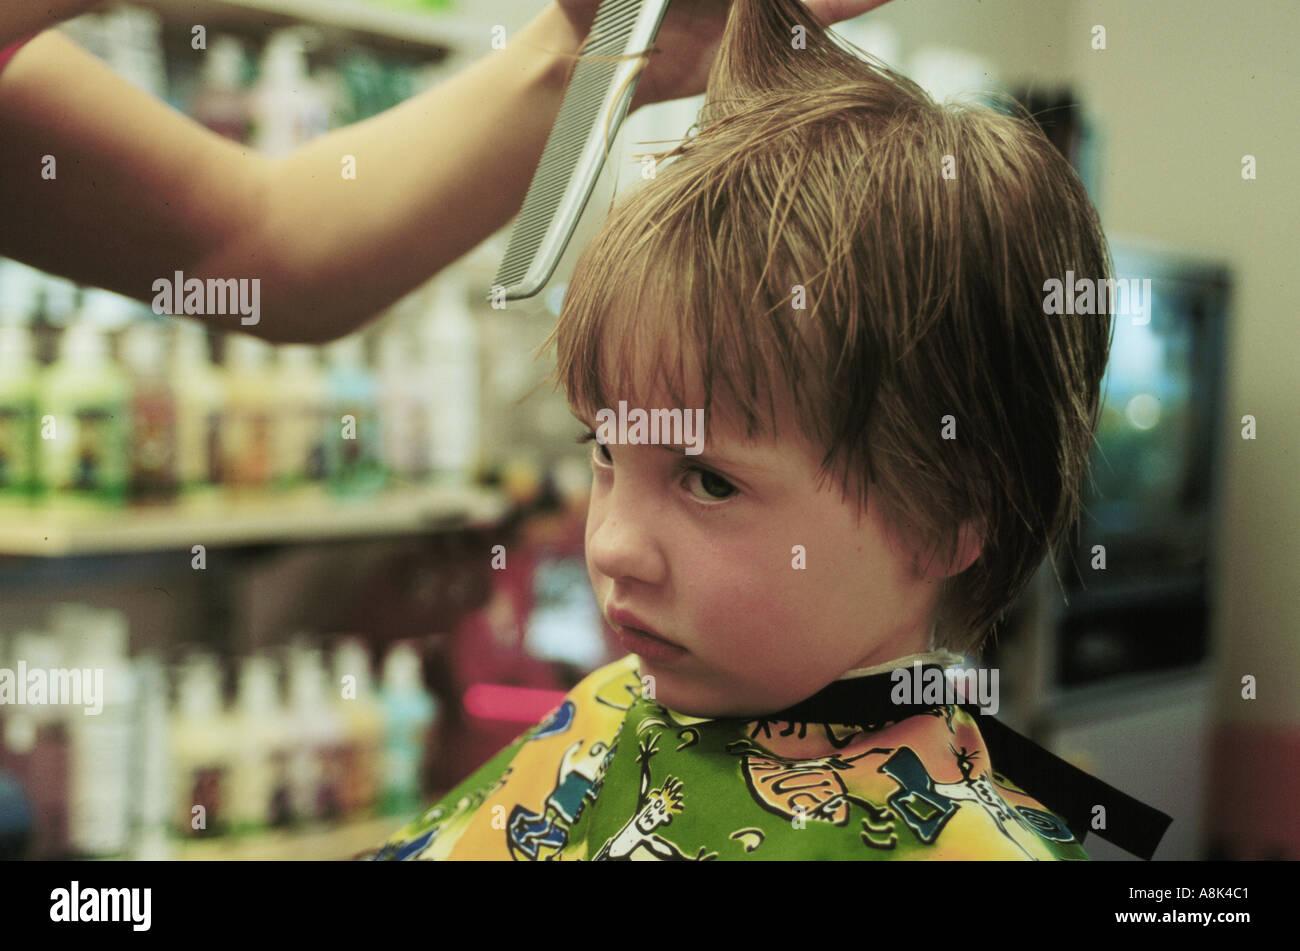 Sad Young Girl Getting A Haircut Stock Photo 2241728 Alamy